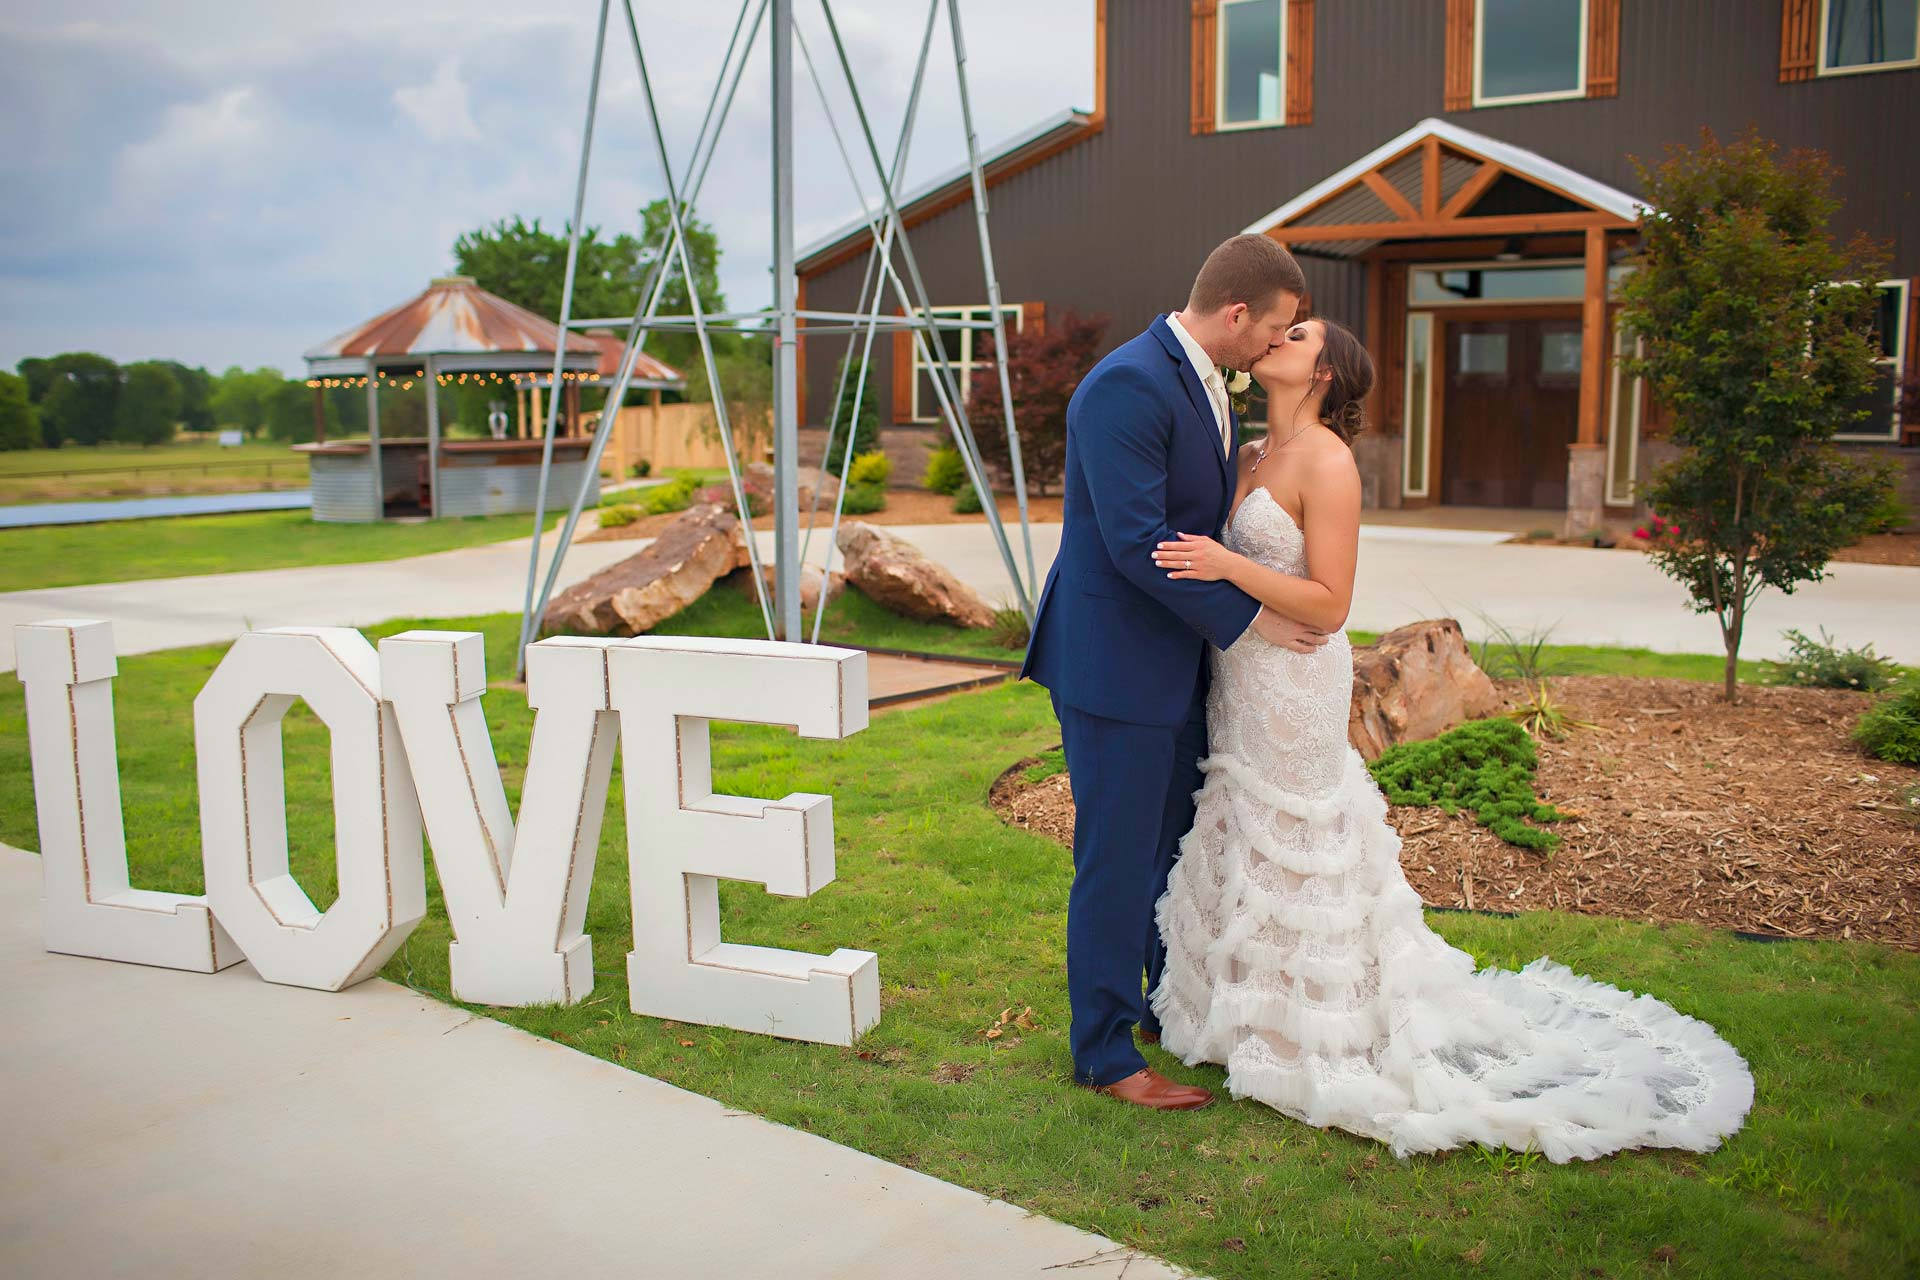 Collin County Wedding Venue